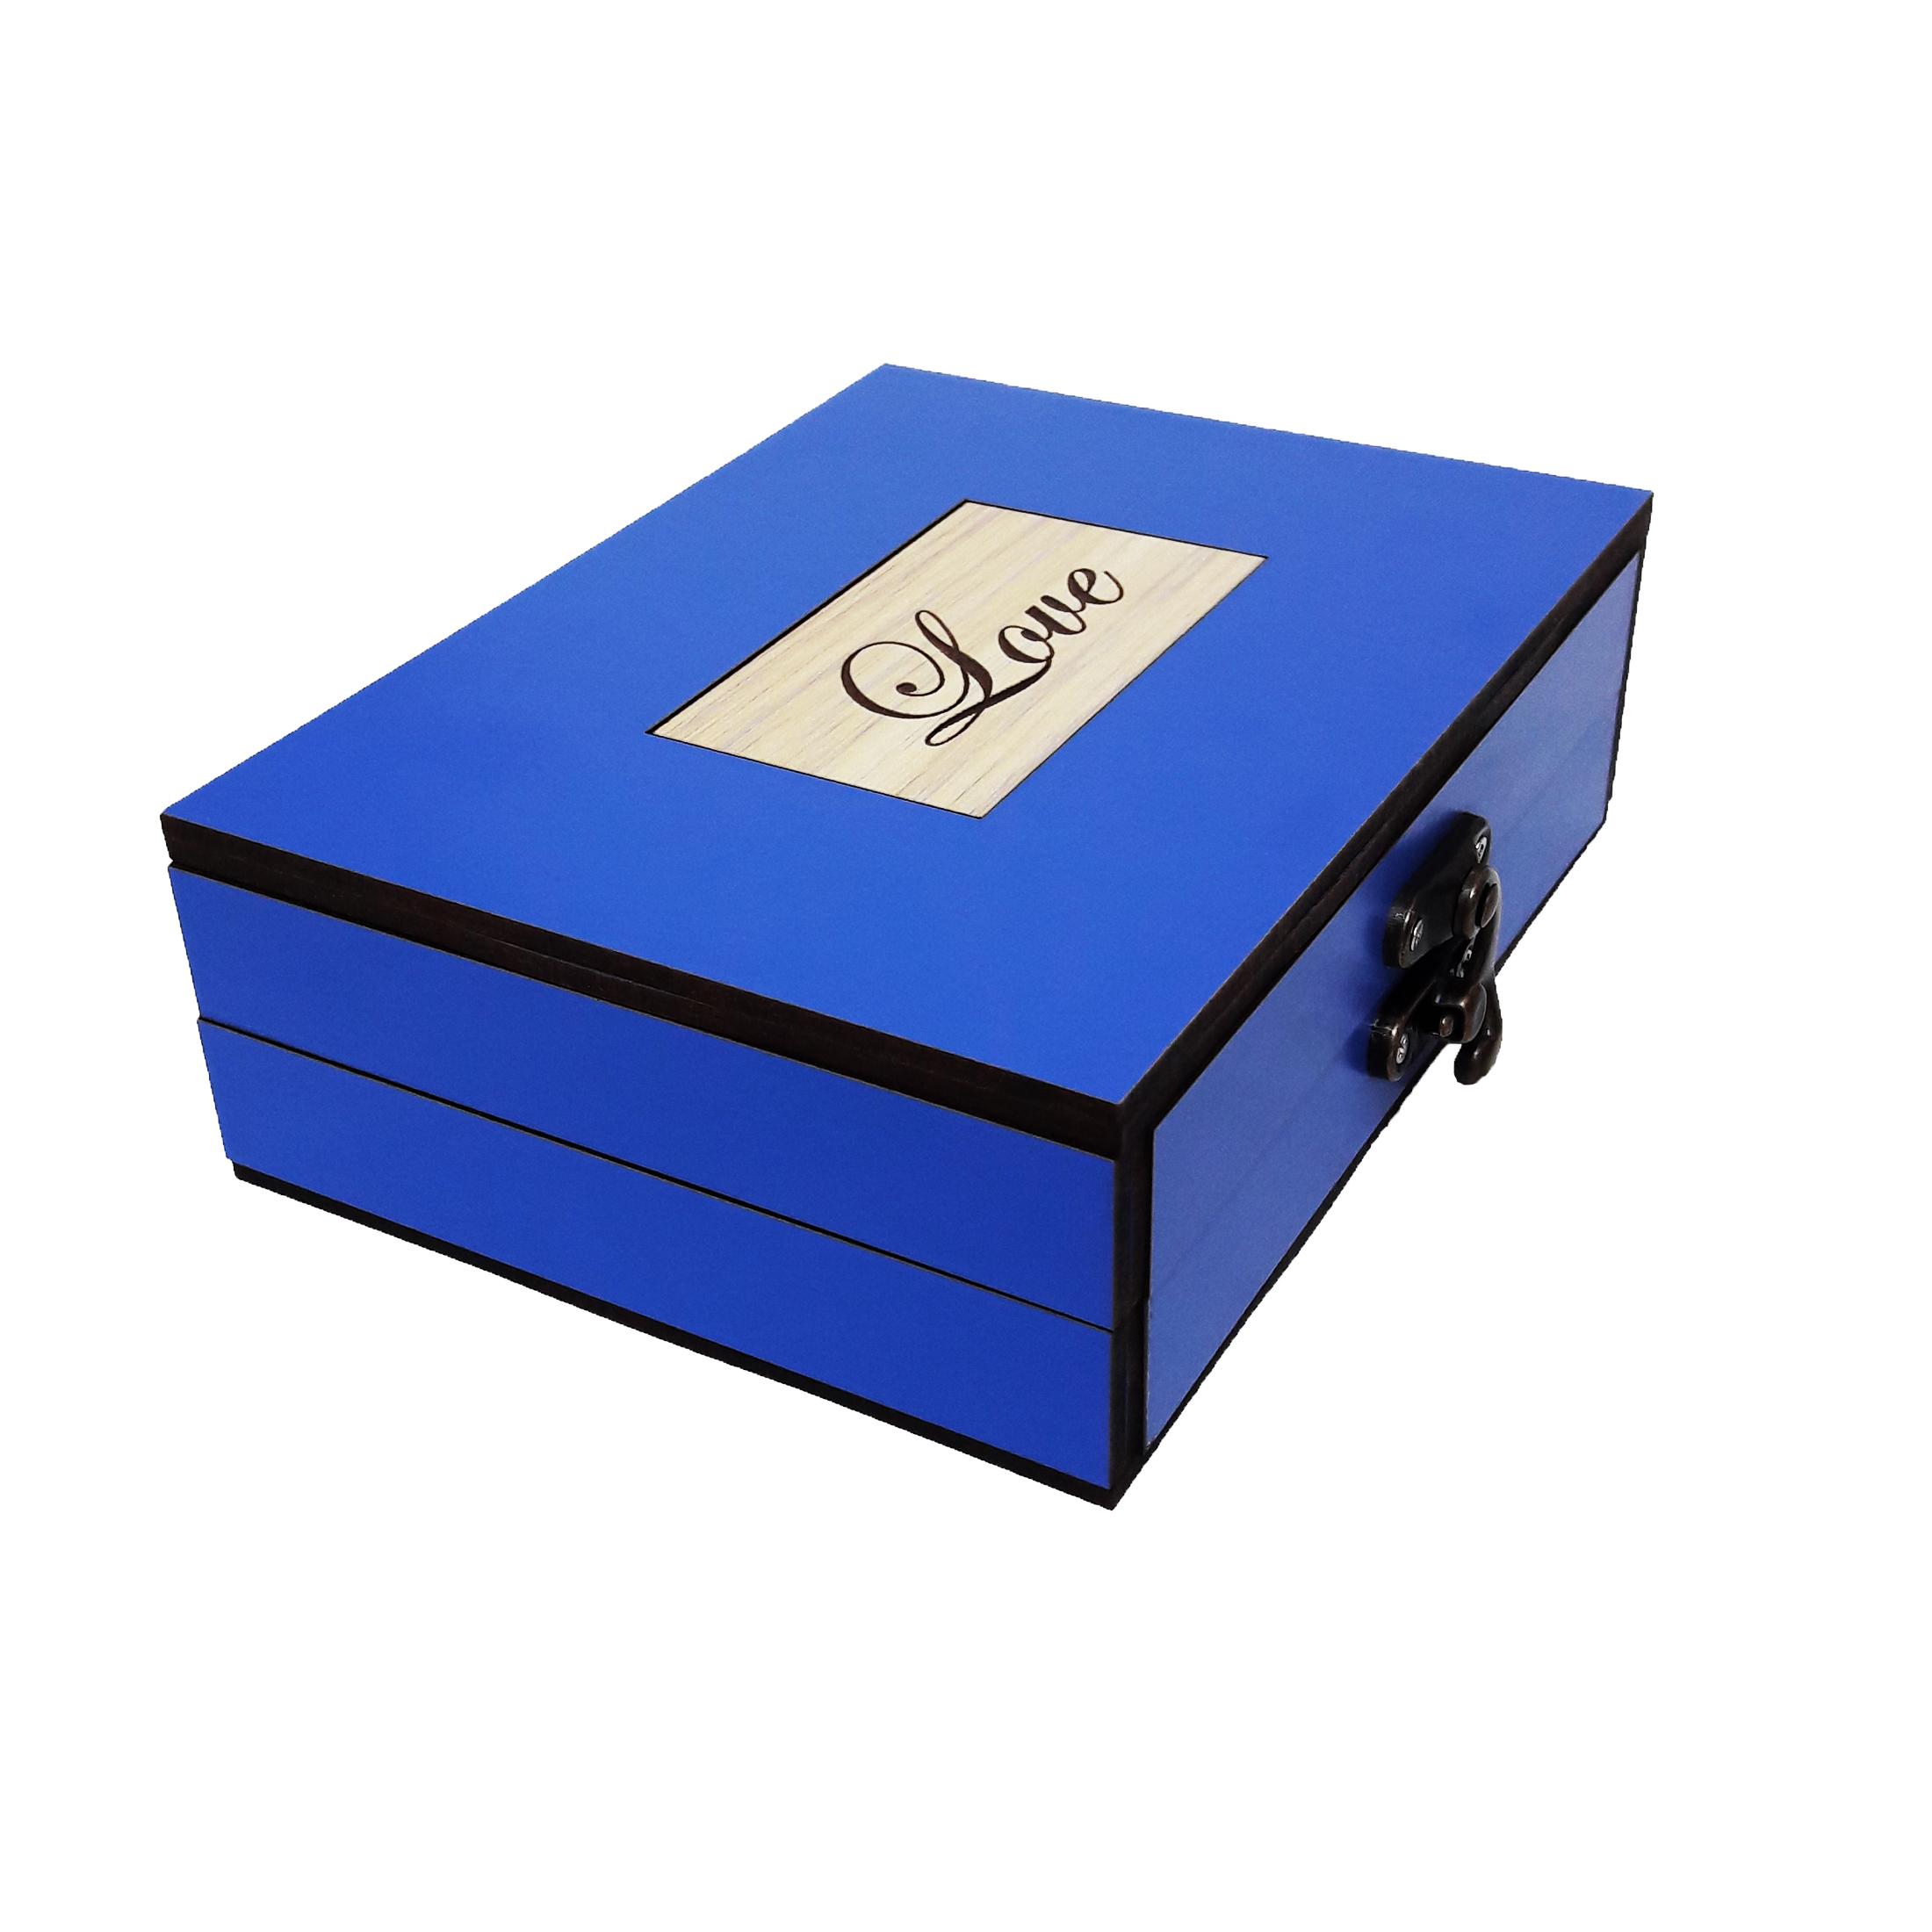 خرید                      جعبه هدیه چوبی کادویی آیهان باکس مدل 61